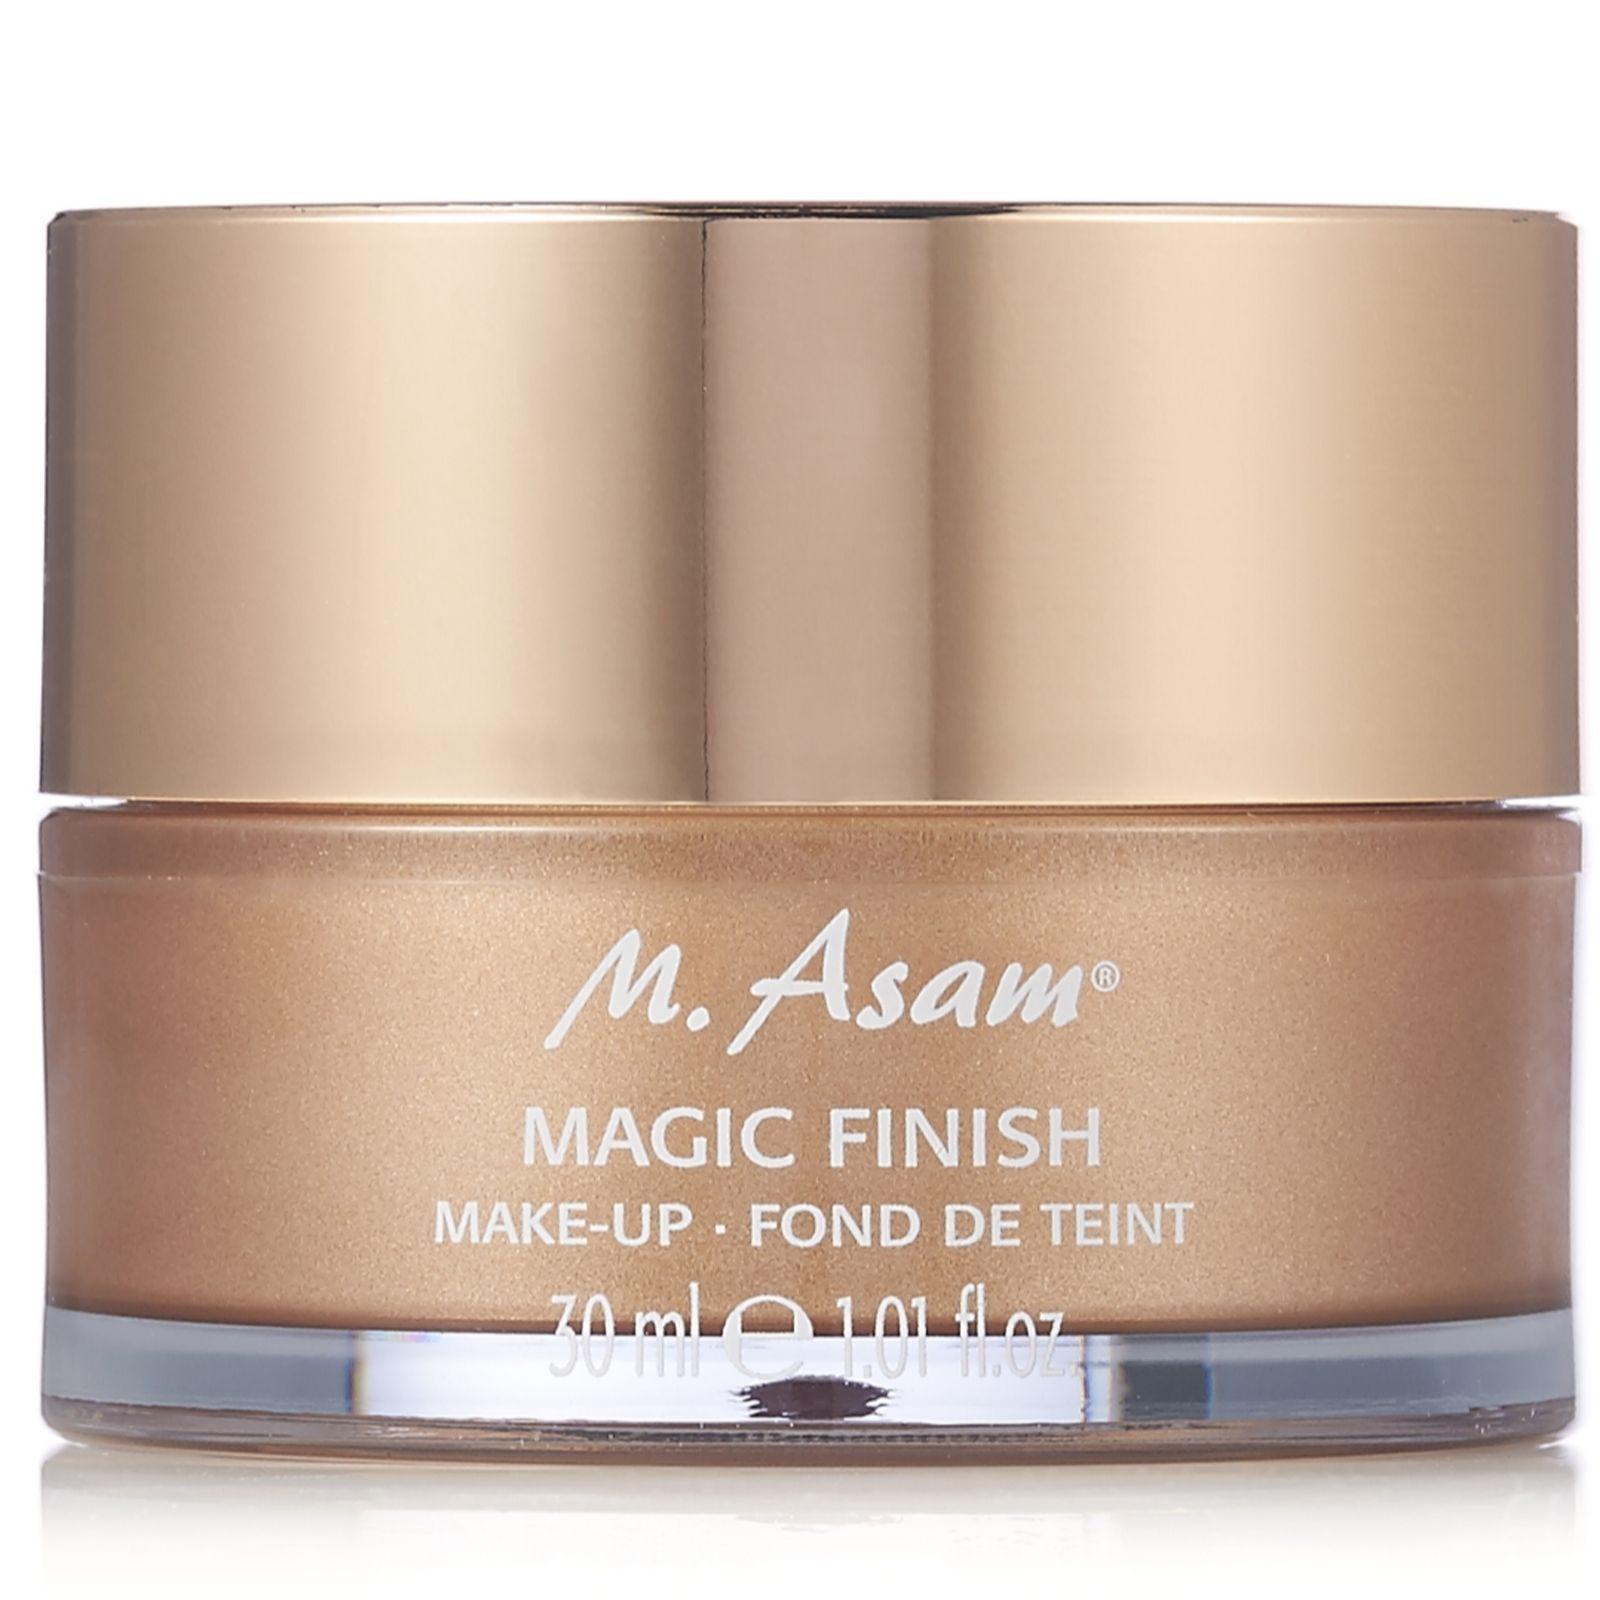 M Asam Magic Finish Makeup Mousse 30ml Qvc Uk No Foundation Makeup Makeup Mousse